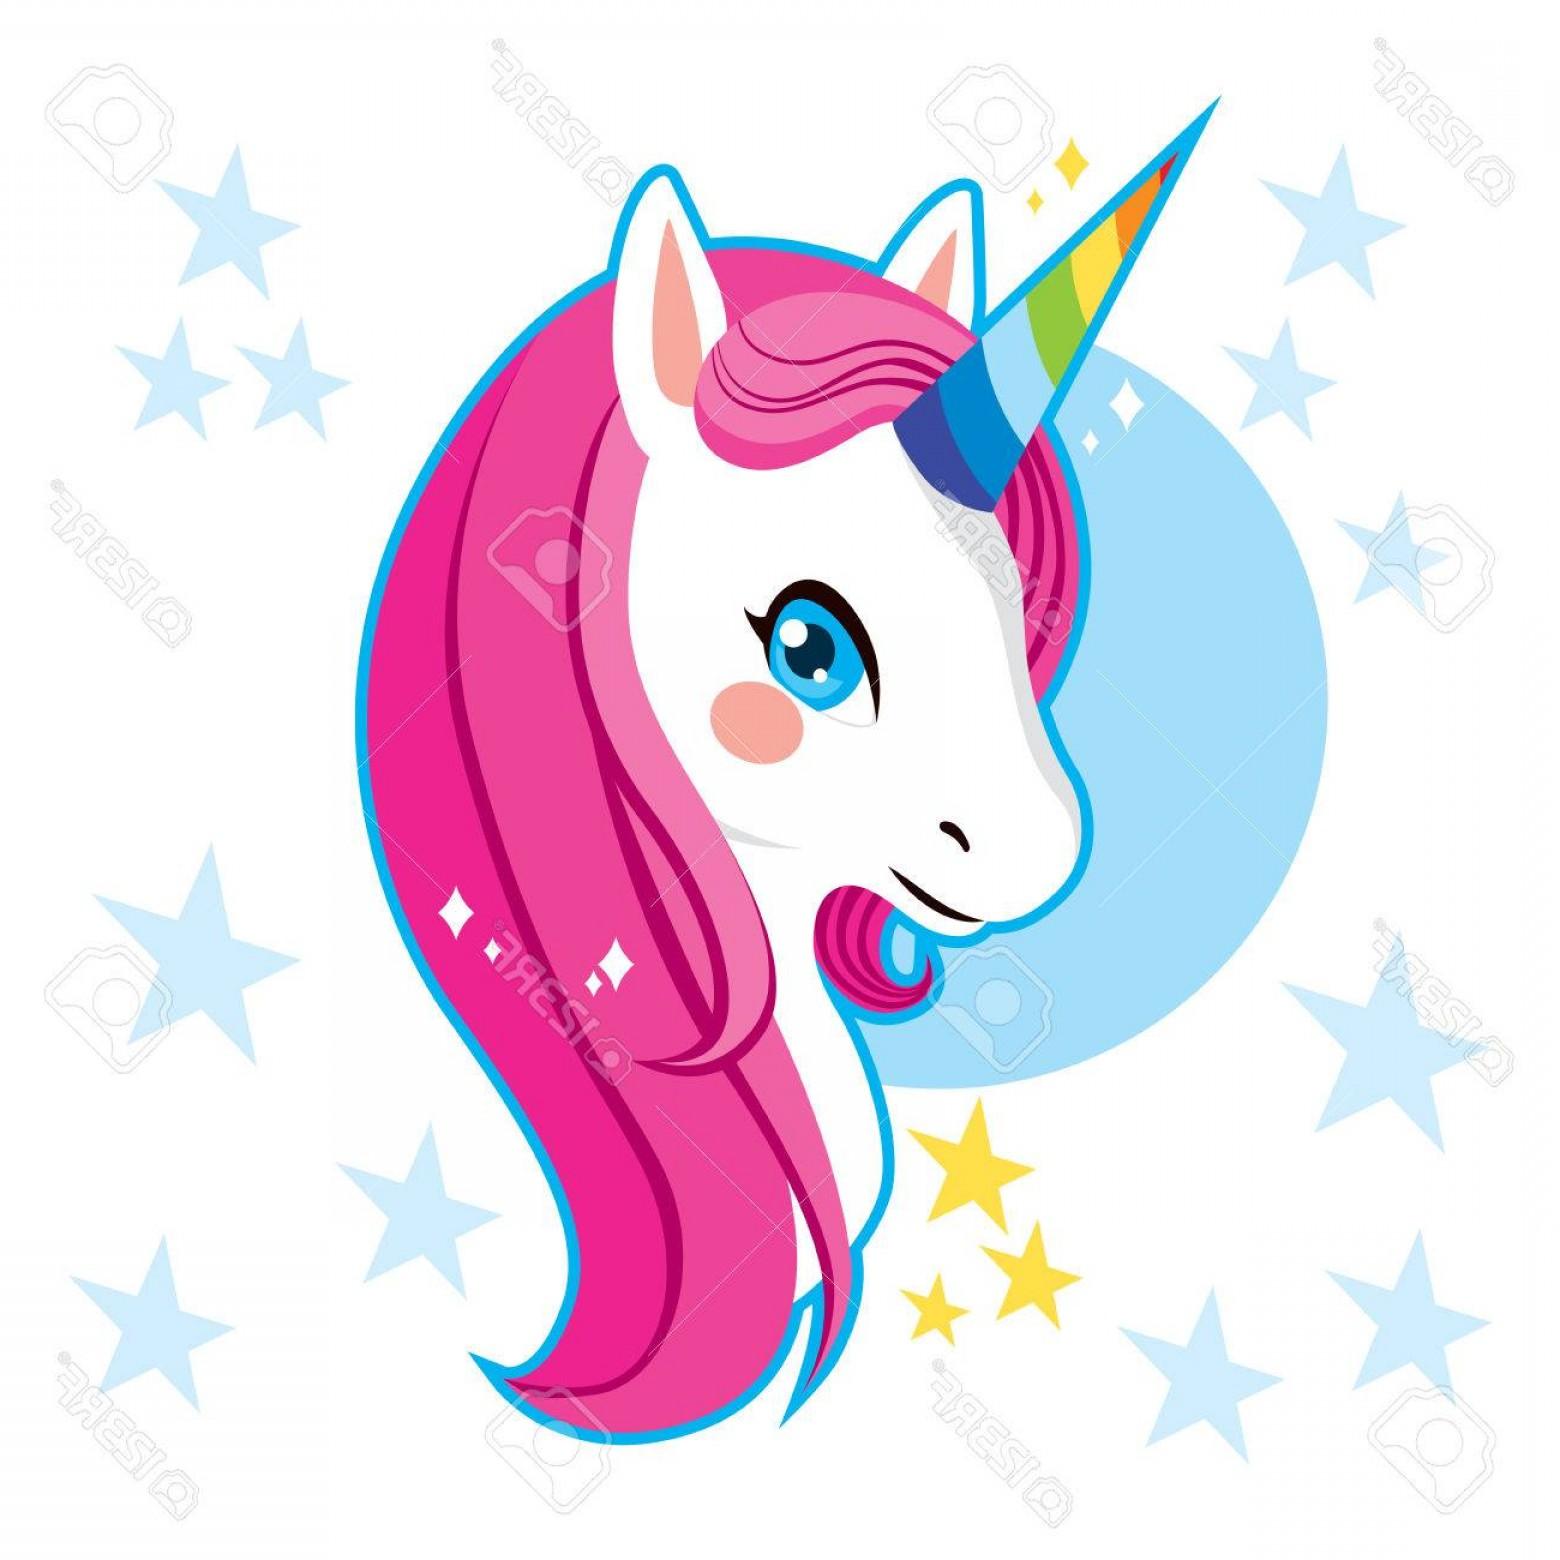 1560x1560 Photostock Vector Cute Magic Unicorn Head With Rainbow Horn And